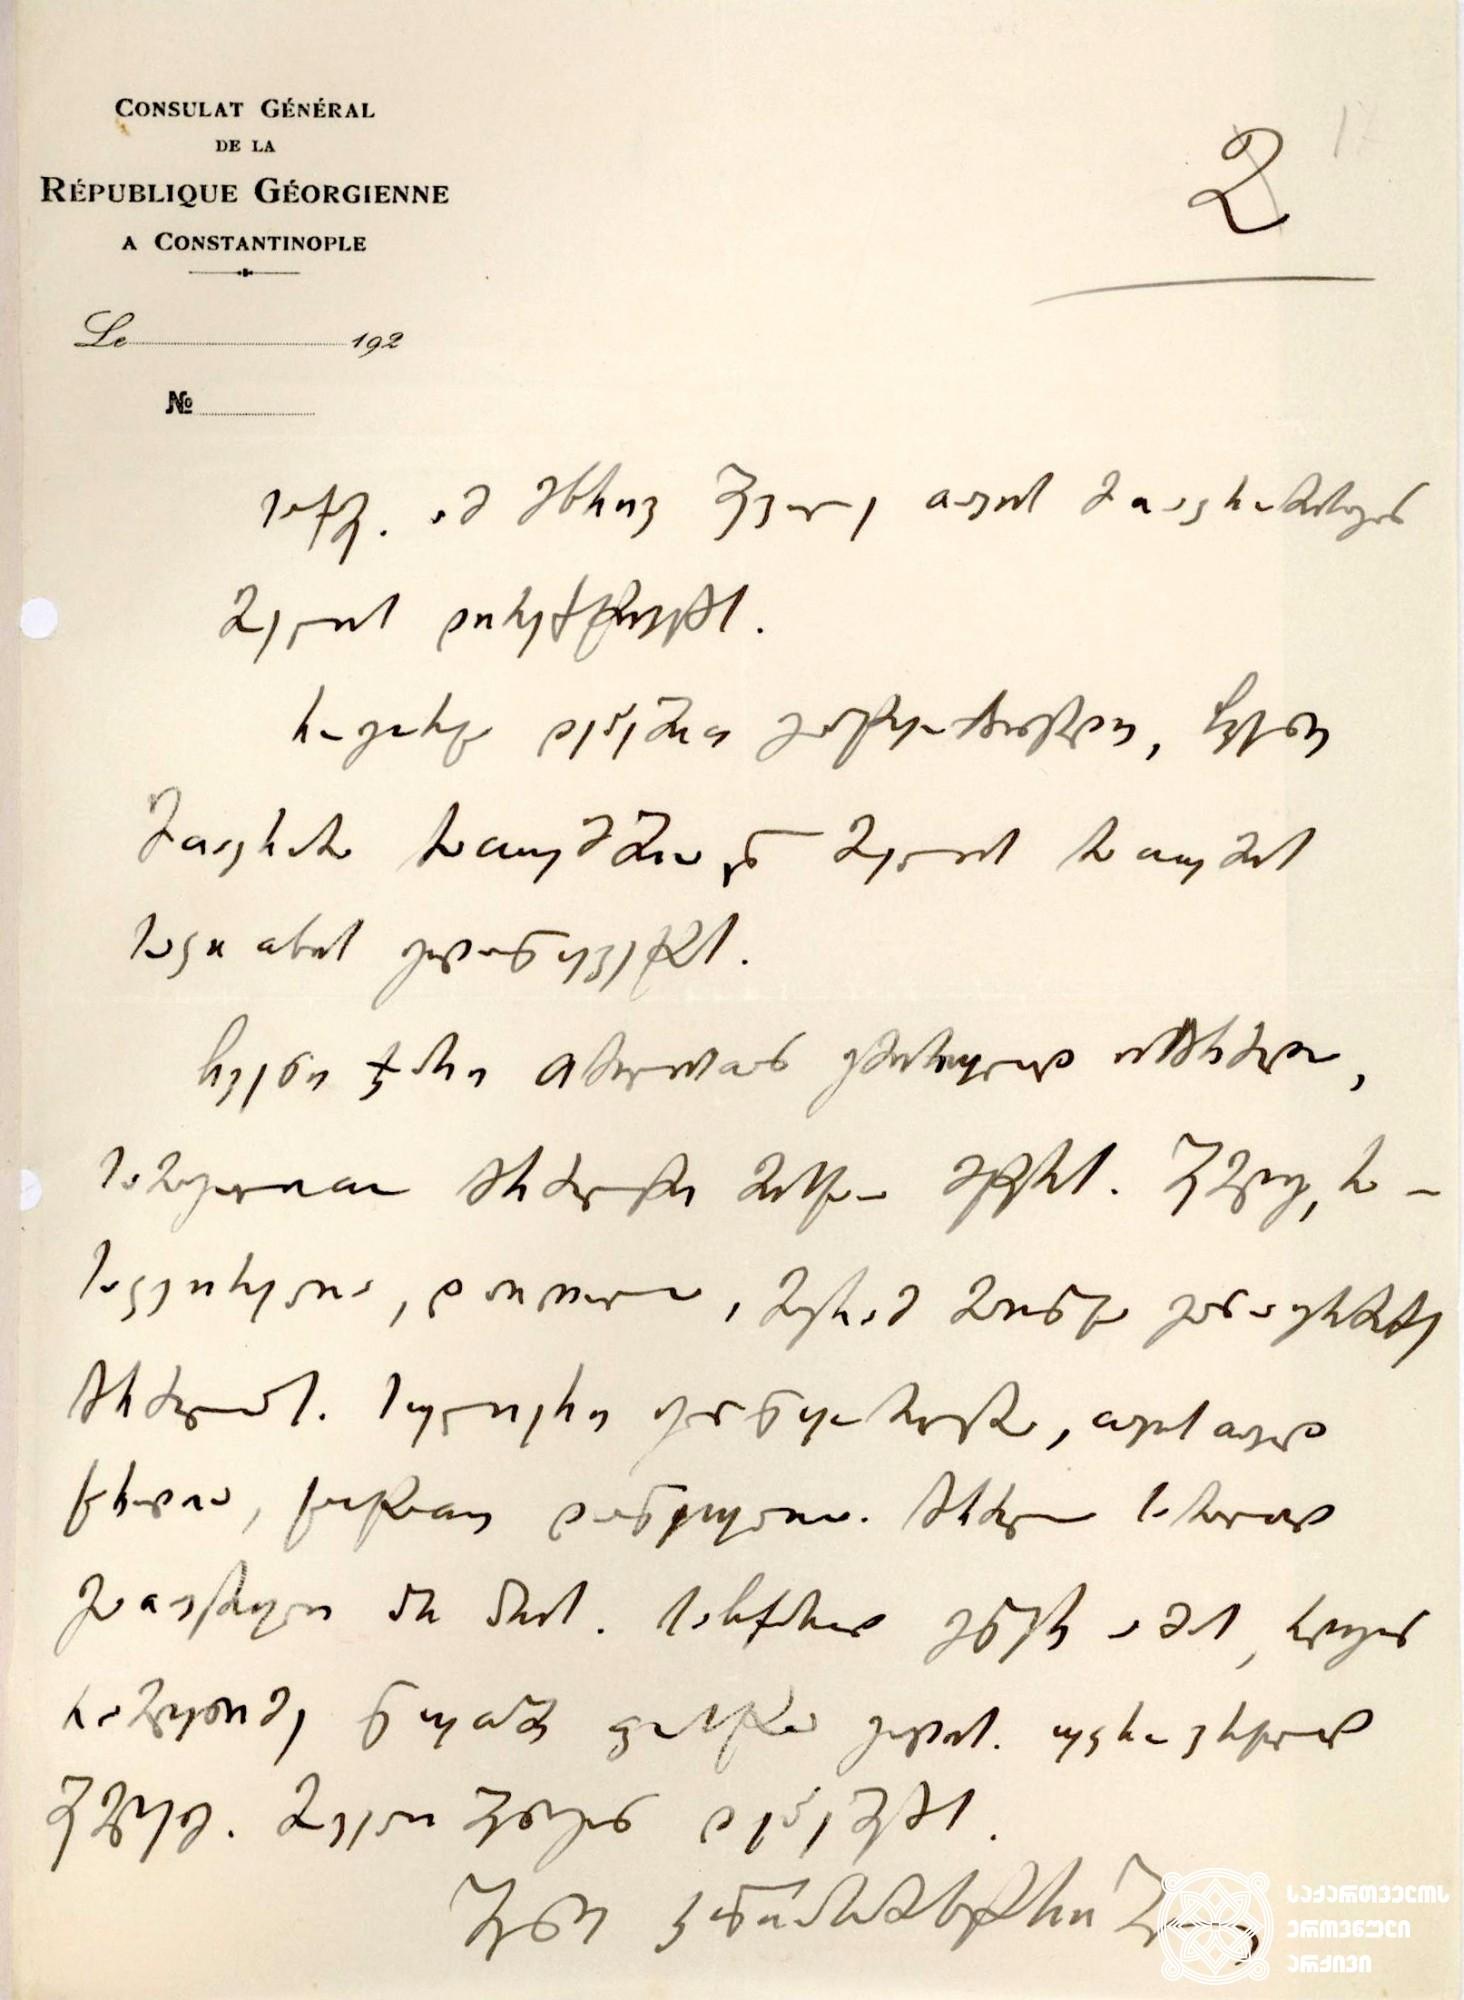 საგარეო საქმეთა მინისტრის მოადგილის - კონსტანტინე საბახტარაშვილის - წერილი სტამბულში საქართველოს დიპლომატიურ წარმომადგენელ გრიგოლ რცხილაძისადმი საქართველოში მიმდინარე საომარი მოქმედებების შესახებ. <br> 1921 წლის მარტის დასაწყისი. <br> Letter from the Deputy Foreign Minister Konstantine Sabakhtarashvili to the Georgian Diplomatic Representative in Istanbul Grigol Rtskhiladze on the ongoing hostilities in Georgia. <br> Beginning of March 1921.